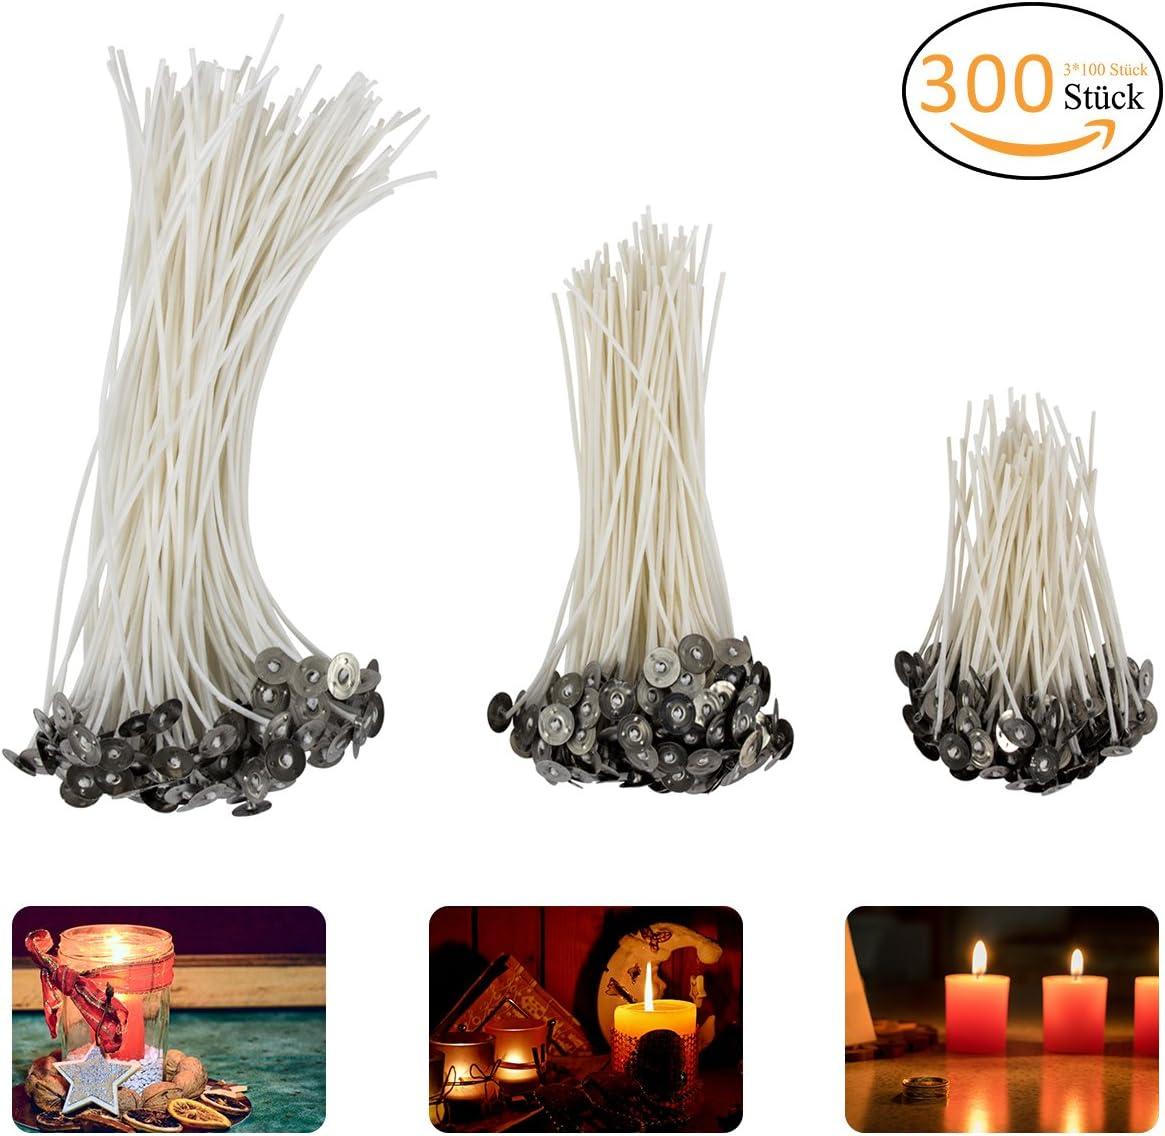 Madholly 300 Velas, mecha de vela en 3 tamaños diferentes (90 mm, 150 mm y 200 mm) para la fabricación de velas, vela DIY …